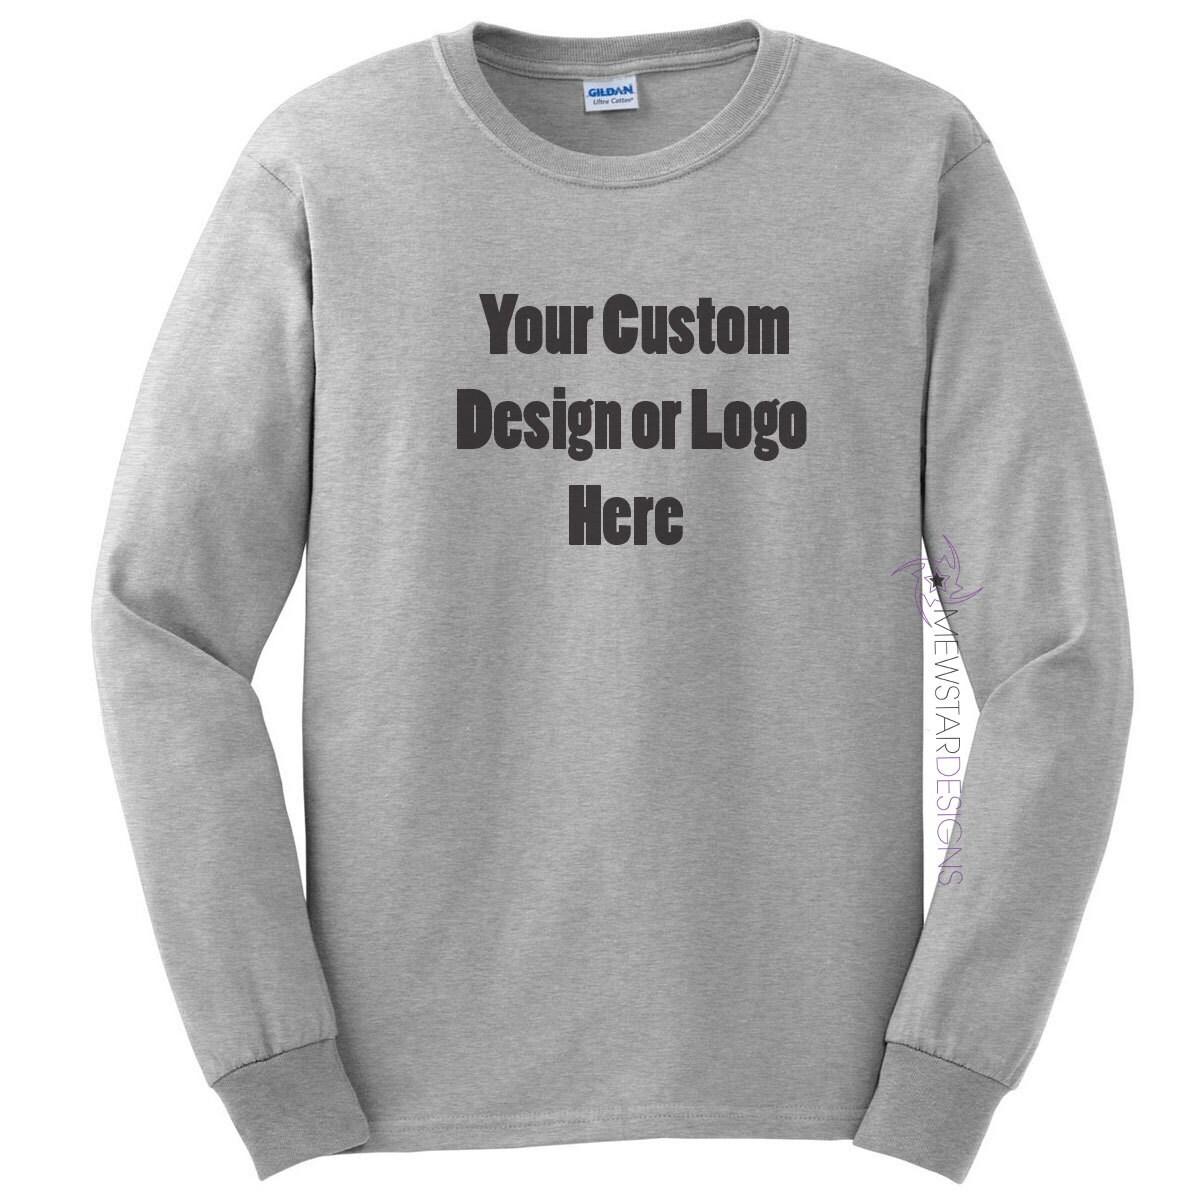 e7fc098c6 Custom Adult Unisex Long Sleeve Shirt Personalized Tees | Etsy